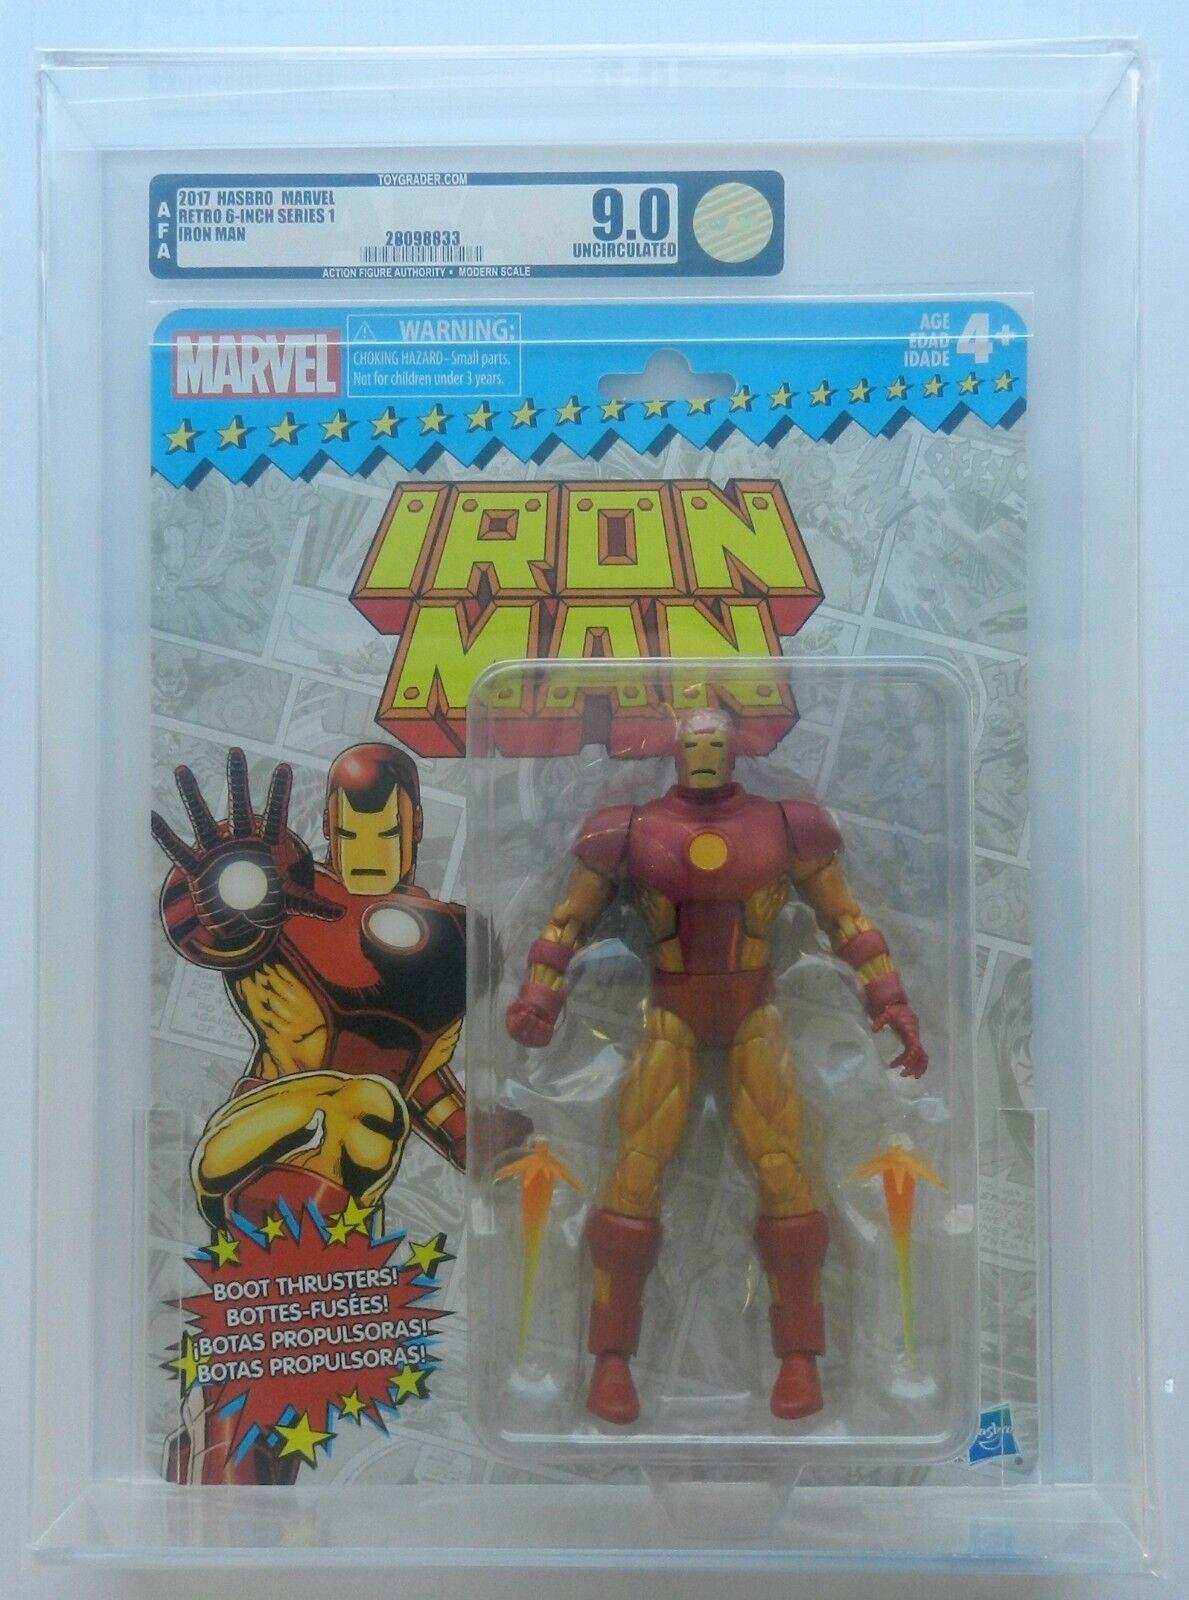 2017 Hasbro Marvel Retro 6 Inch Series 1 Iron Man AFA U9.0